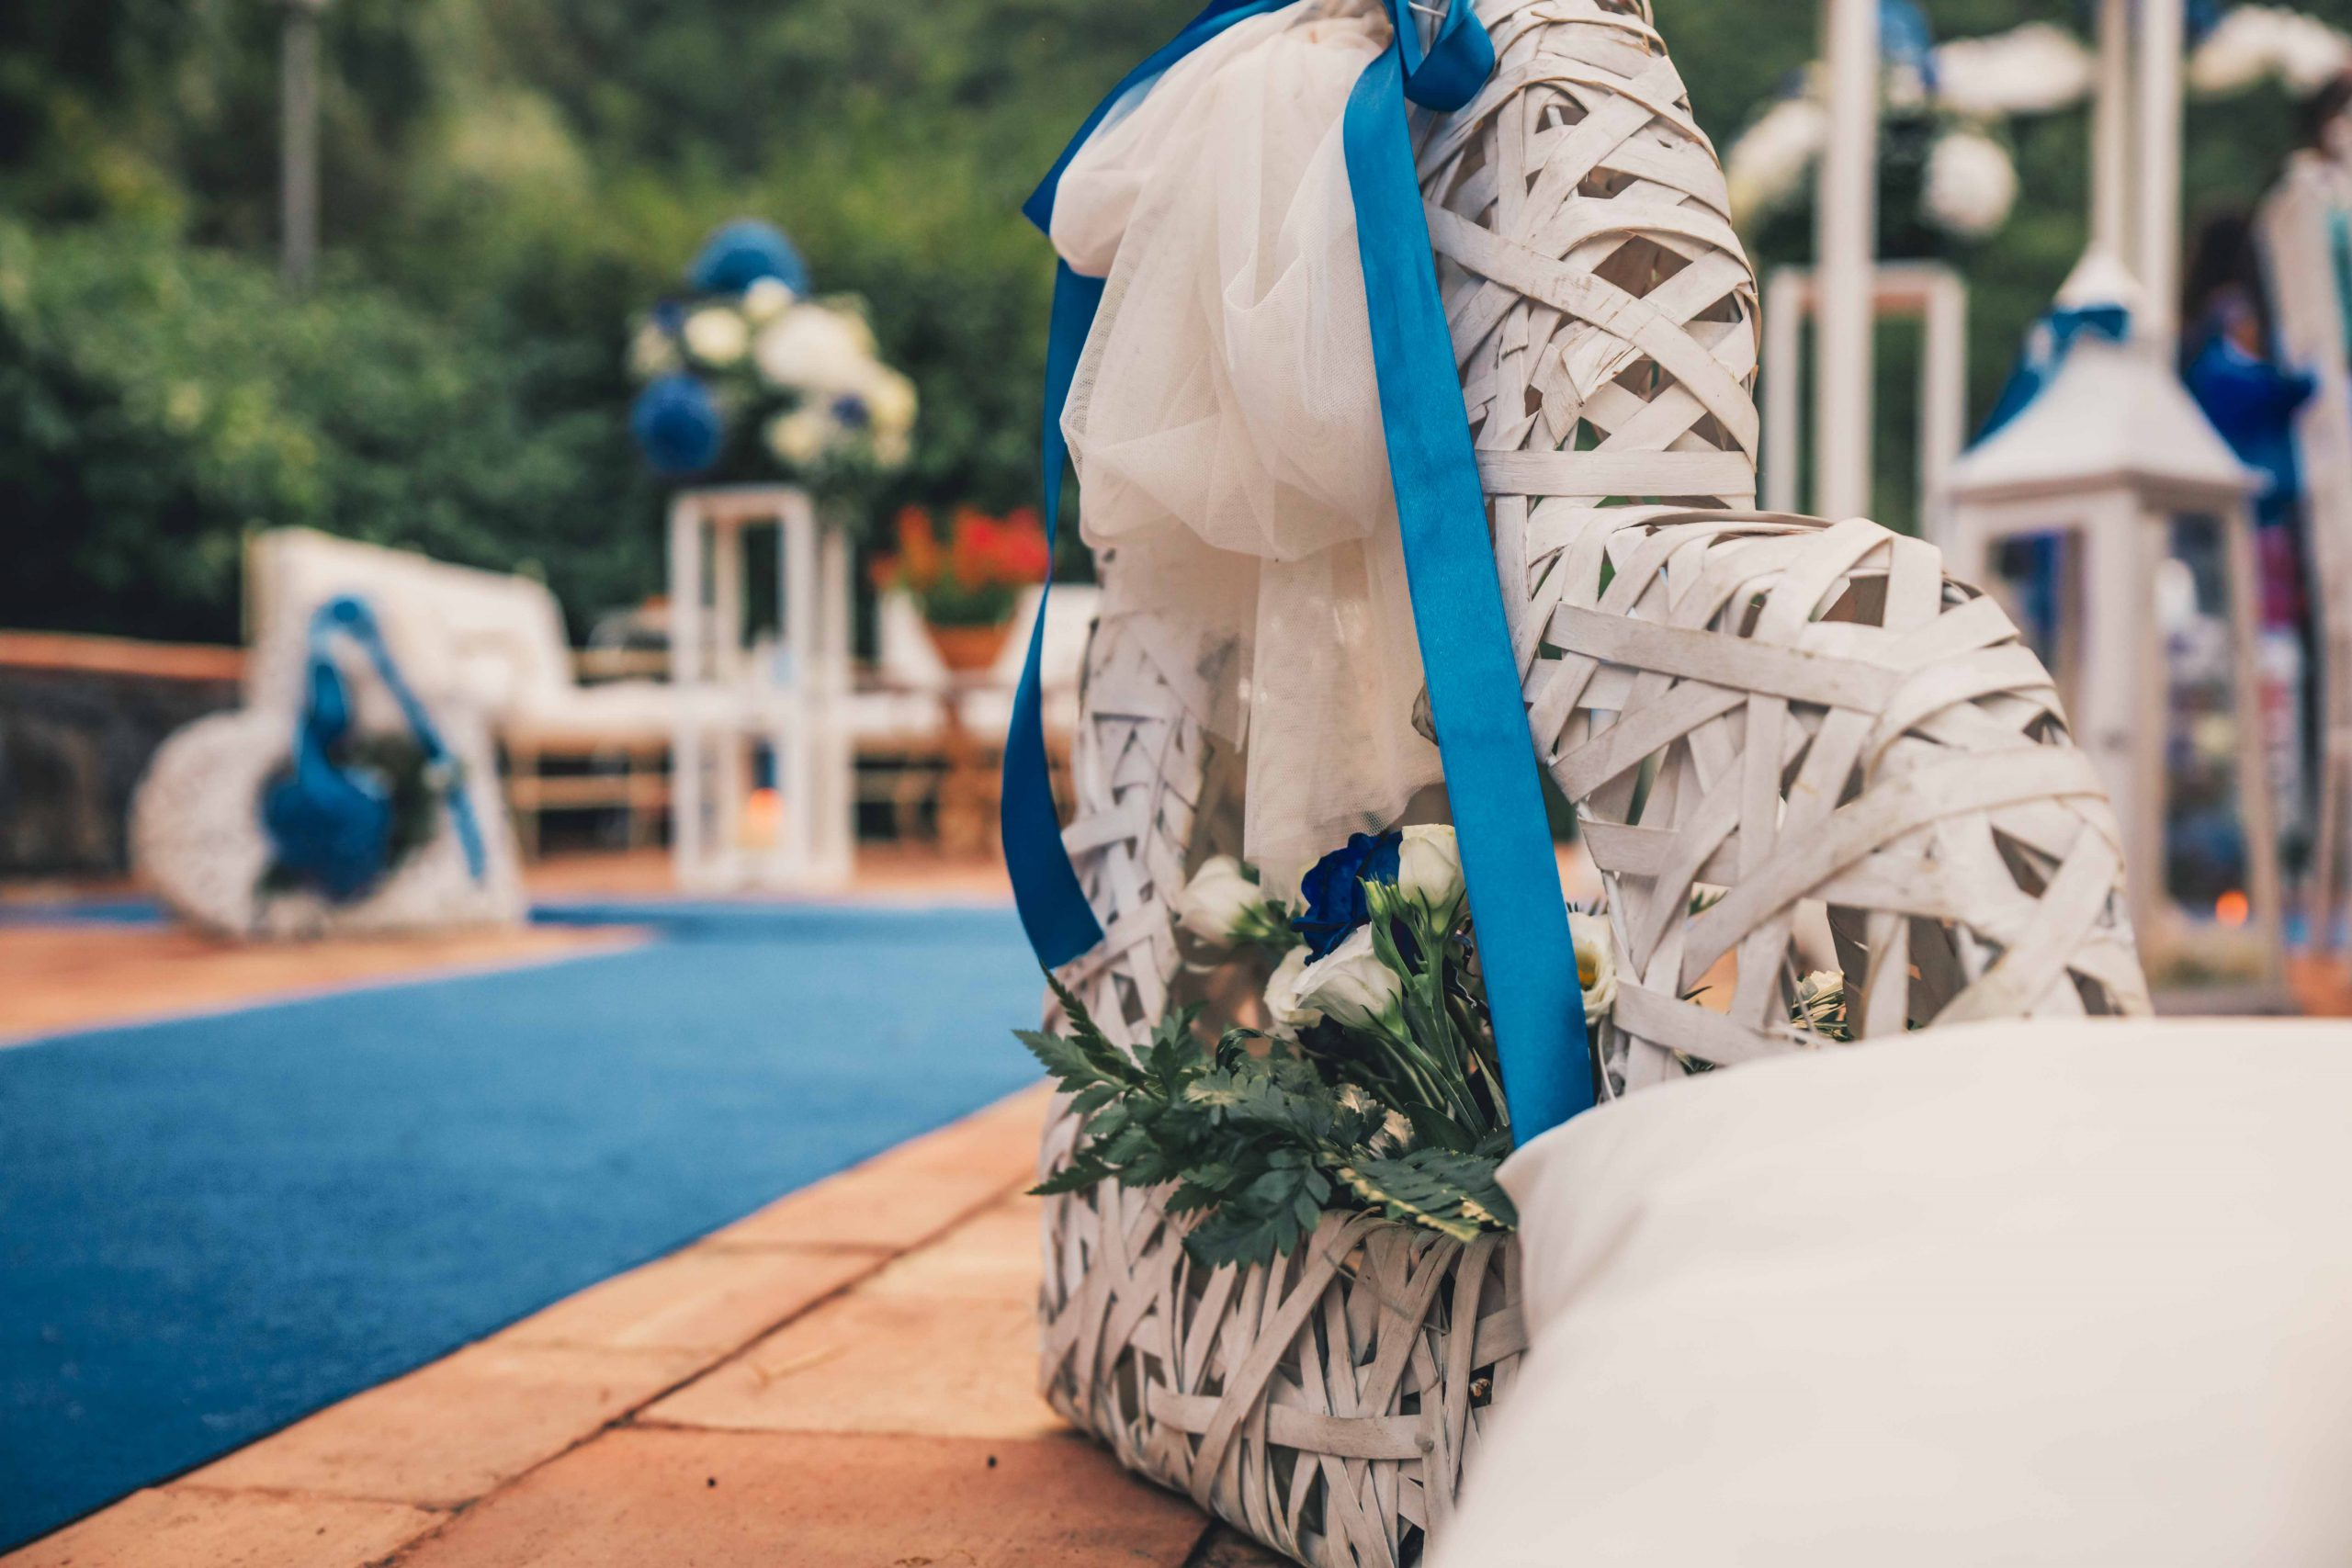 Un matrimonio speciale, immersi nella bellezza della natura, è pronto per essere vissuto: l'acqua cristallina, la macchia mediterranea e i prati profumati fanno di Villa Musmeci il tuo luogo del cuore, il punto di partenza per un sì indimenticabile.